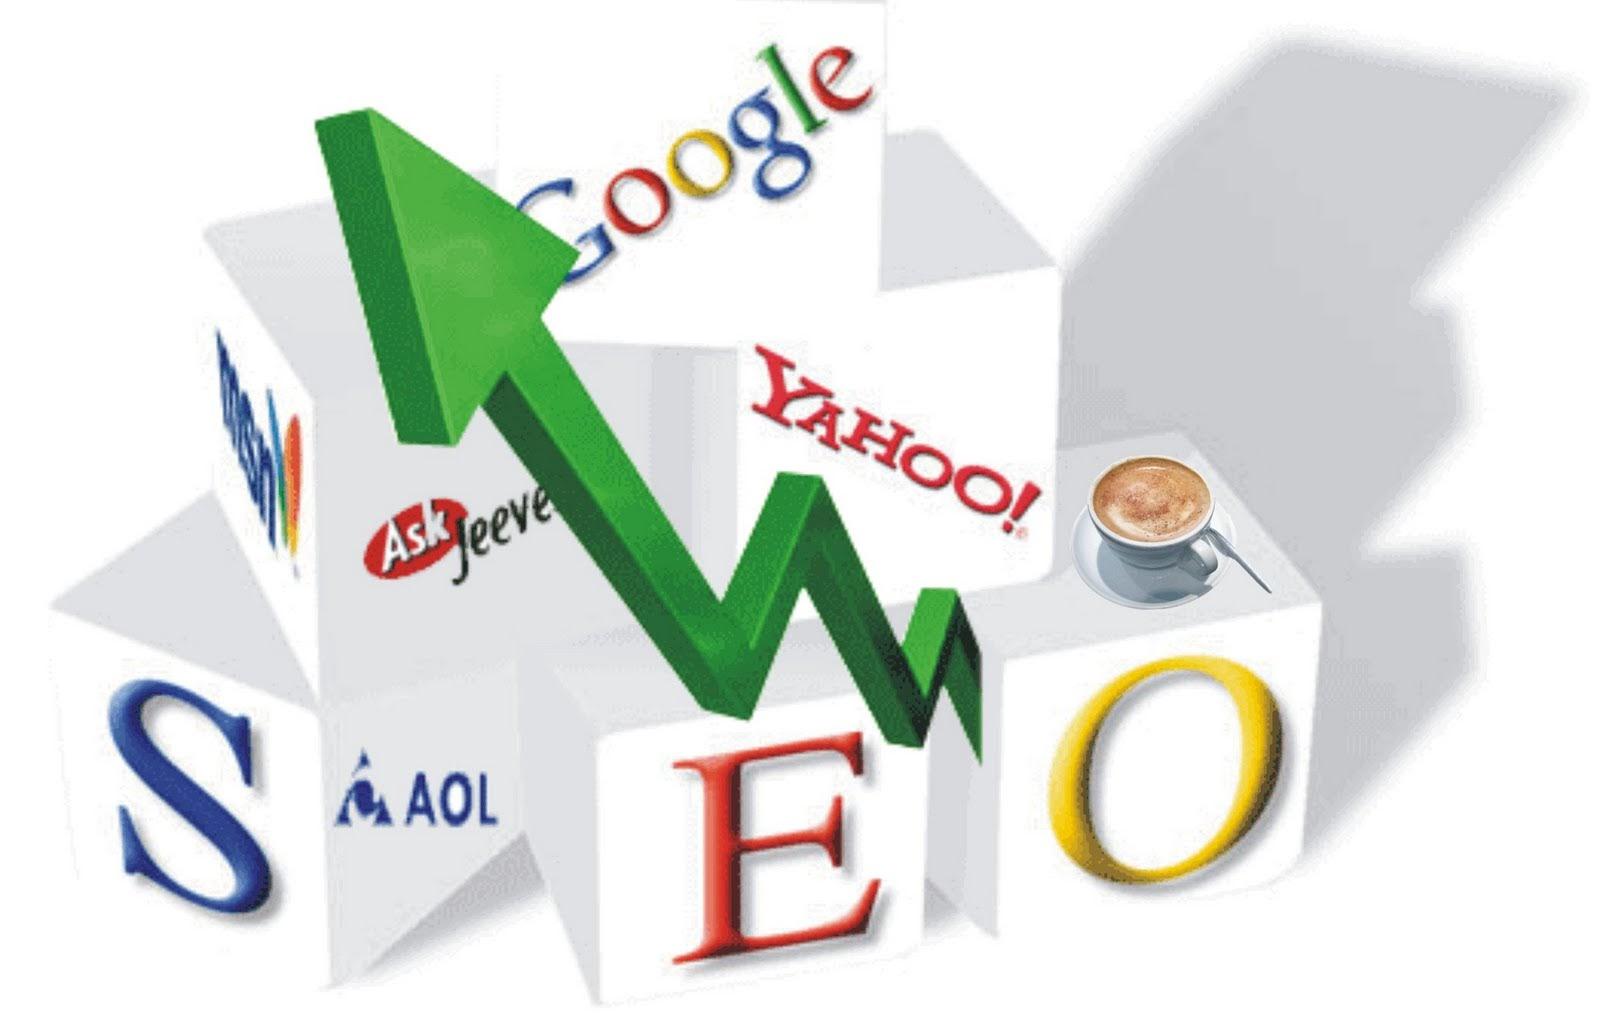 Dịch vụ SEO uy tín mang lại hiệu quả cao cho doanh nghiệp